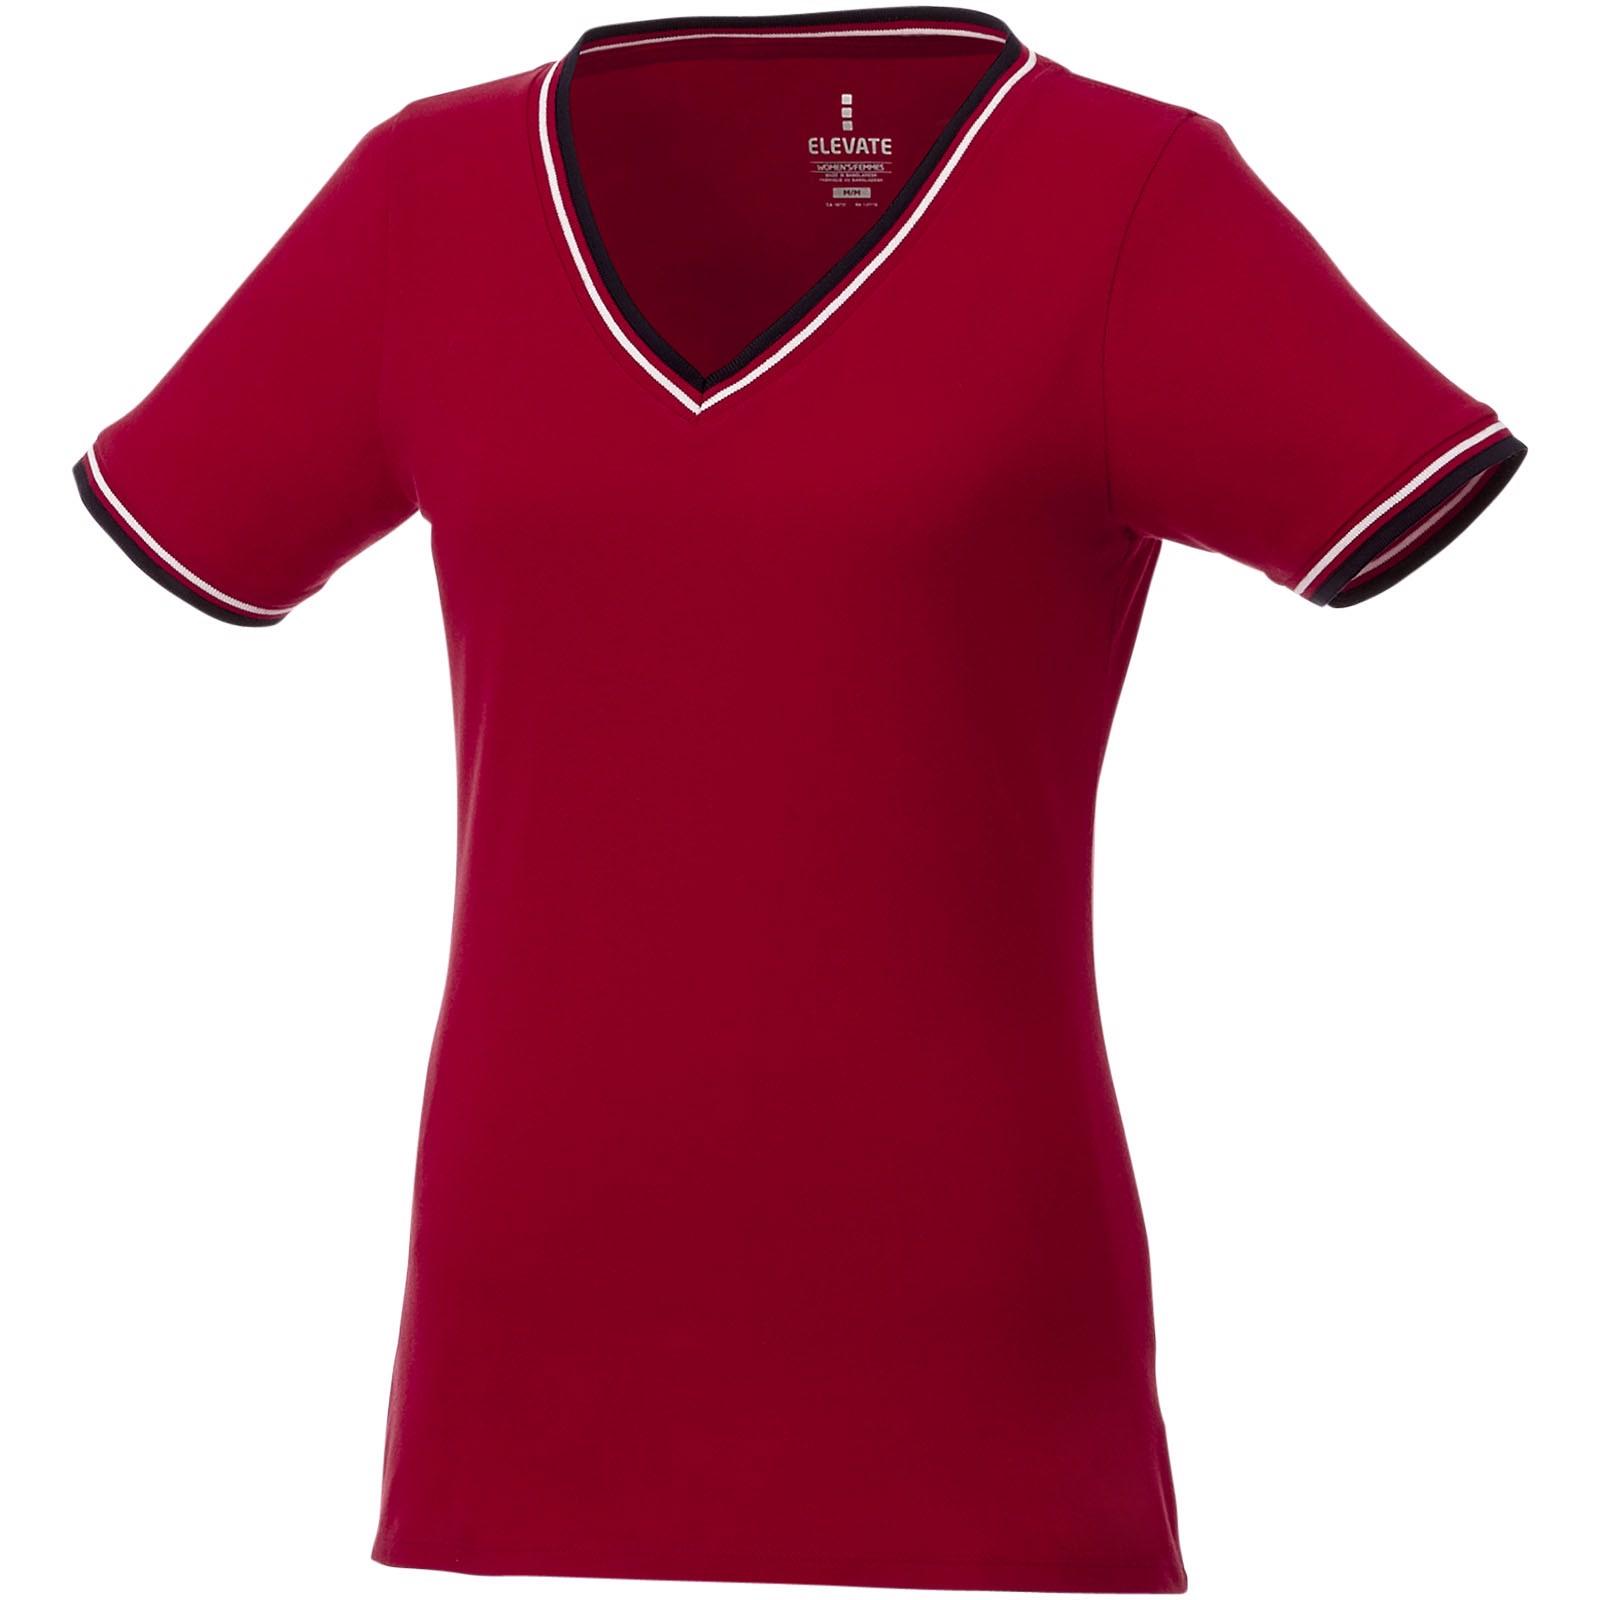 Elbert short sleeve women's pique t-shirt - Red / Navy / White / L